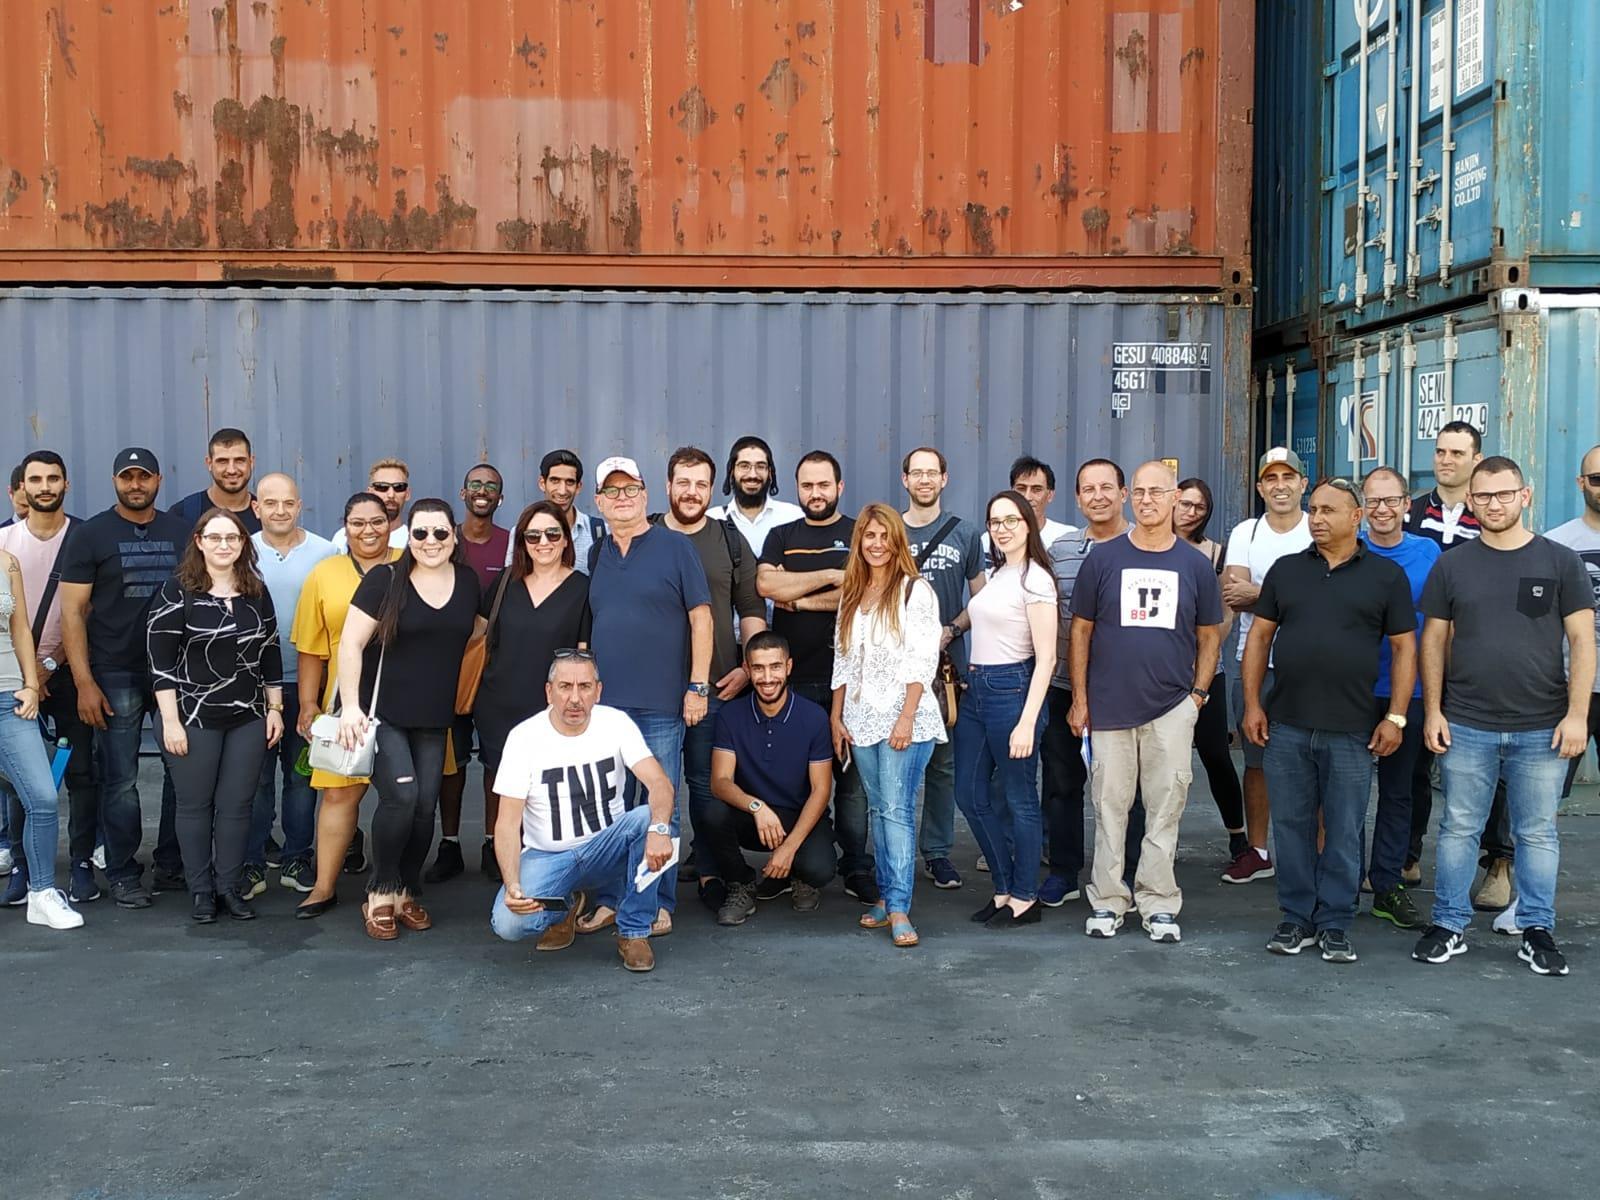 גלרייה - סיור לנמל אשדוד ספטמבר 2019, 27 מתוך 29